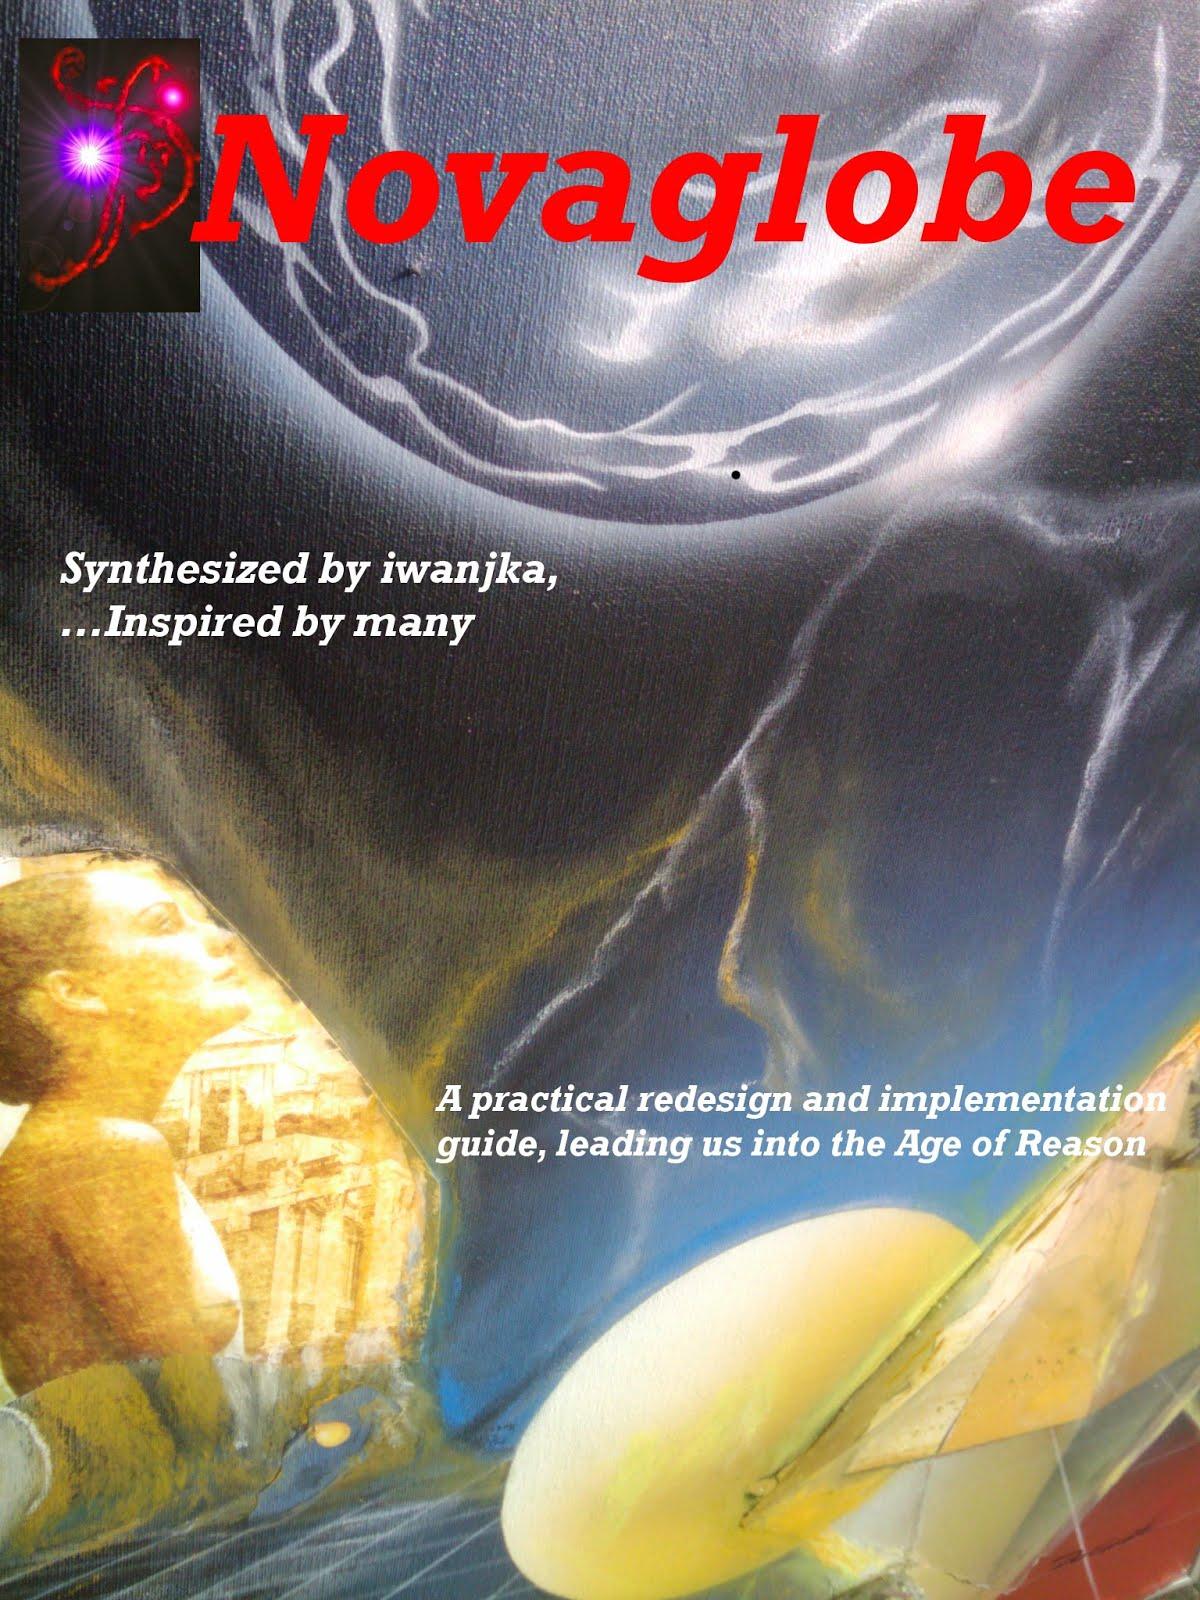 Novaglobe kaft voorkant - Freiah.jpg